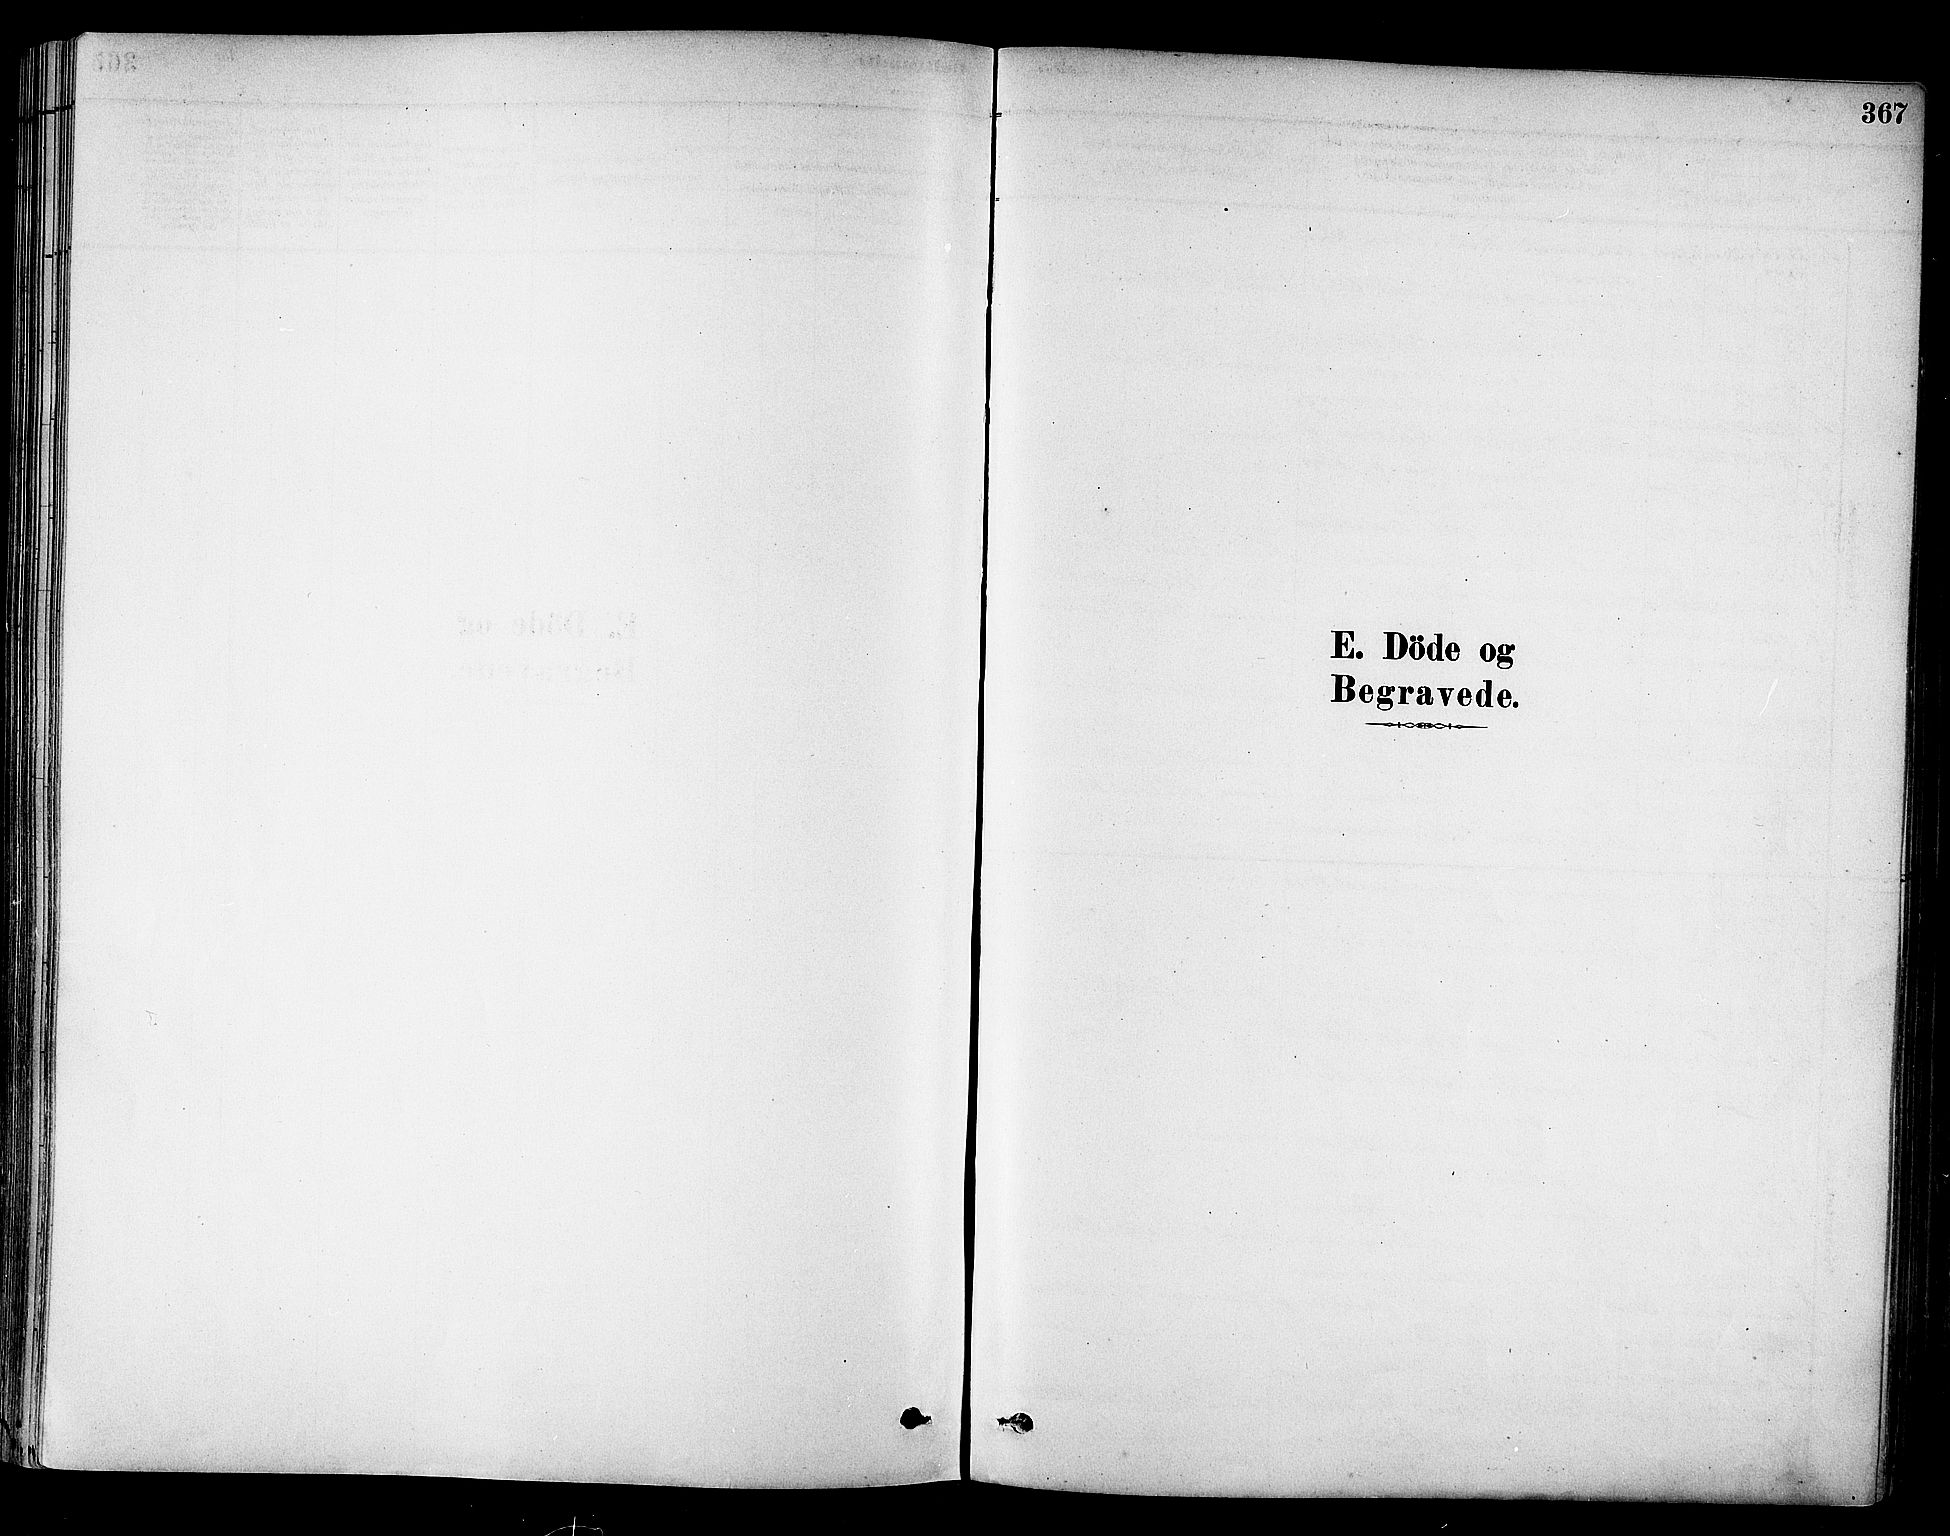 SAT, Ministerialprotokoller, klokkerbøker og fødselsregistre - Sør-Trøndelag, 695/L1148: Ministerialbok nr. 695A08, 1878-1891, s. 367